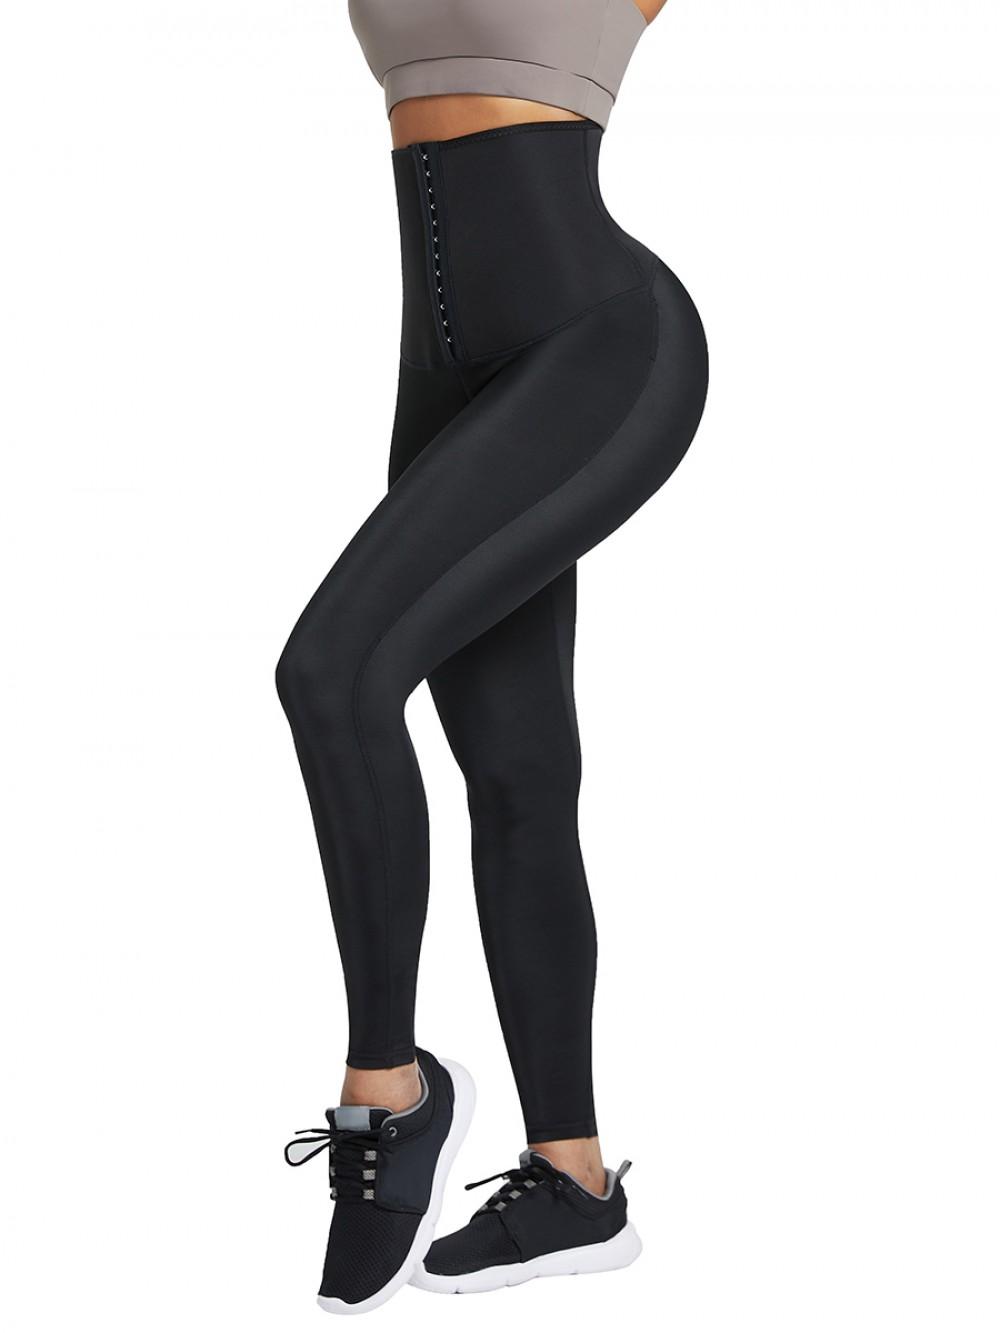 Dark Blue Neoprene Leggings Shaper 3 Rows Hooks High Rise Fitness